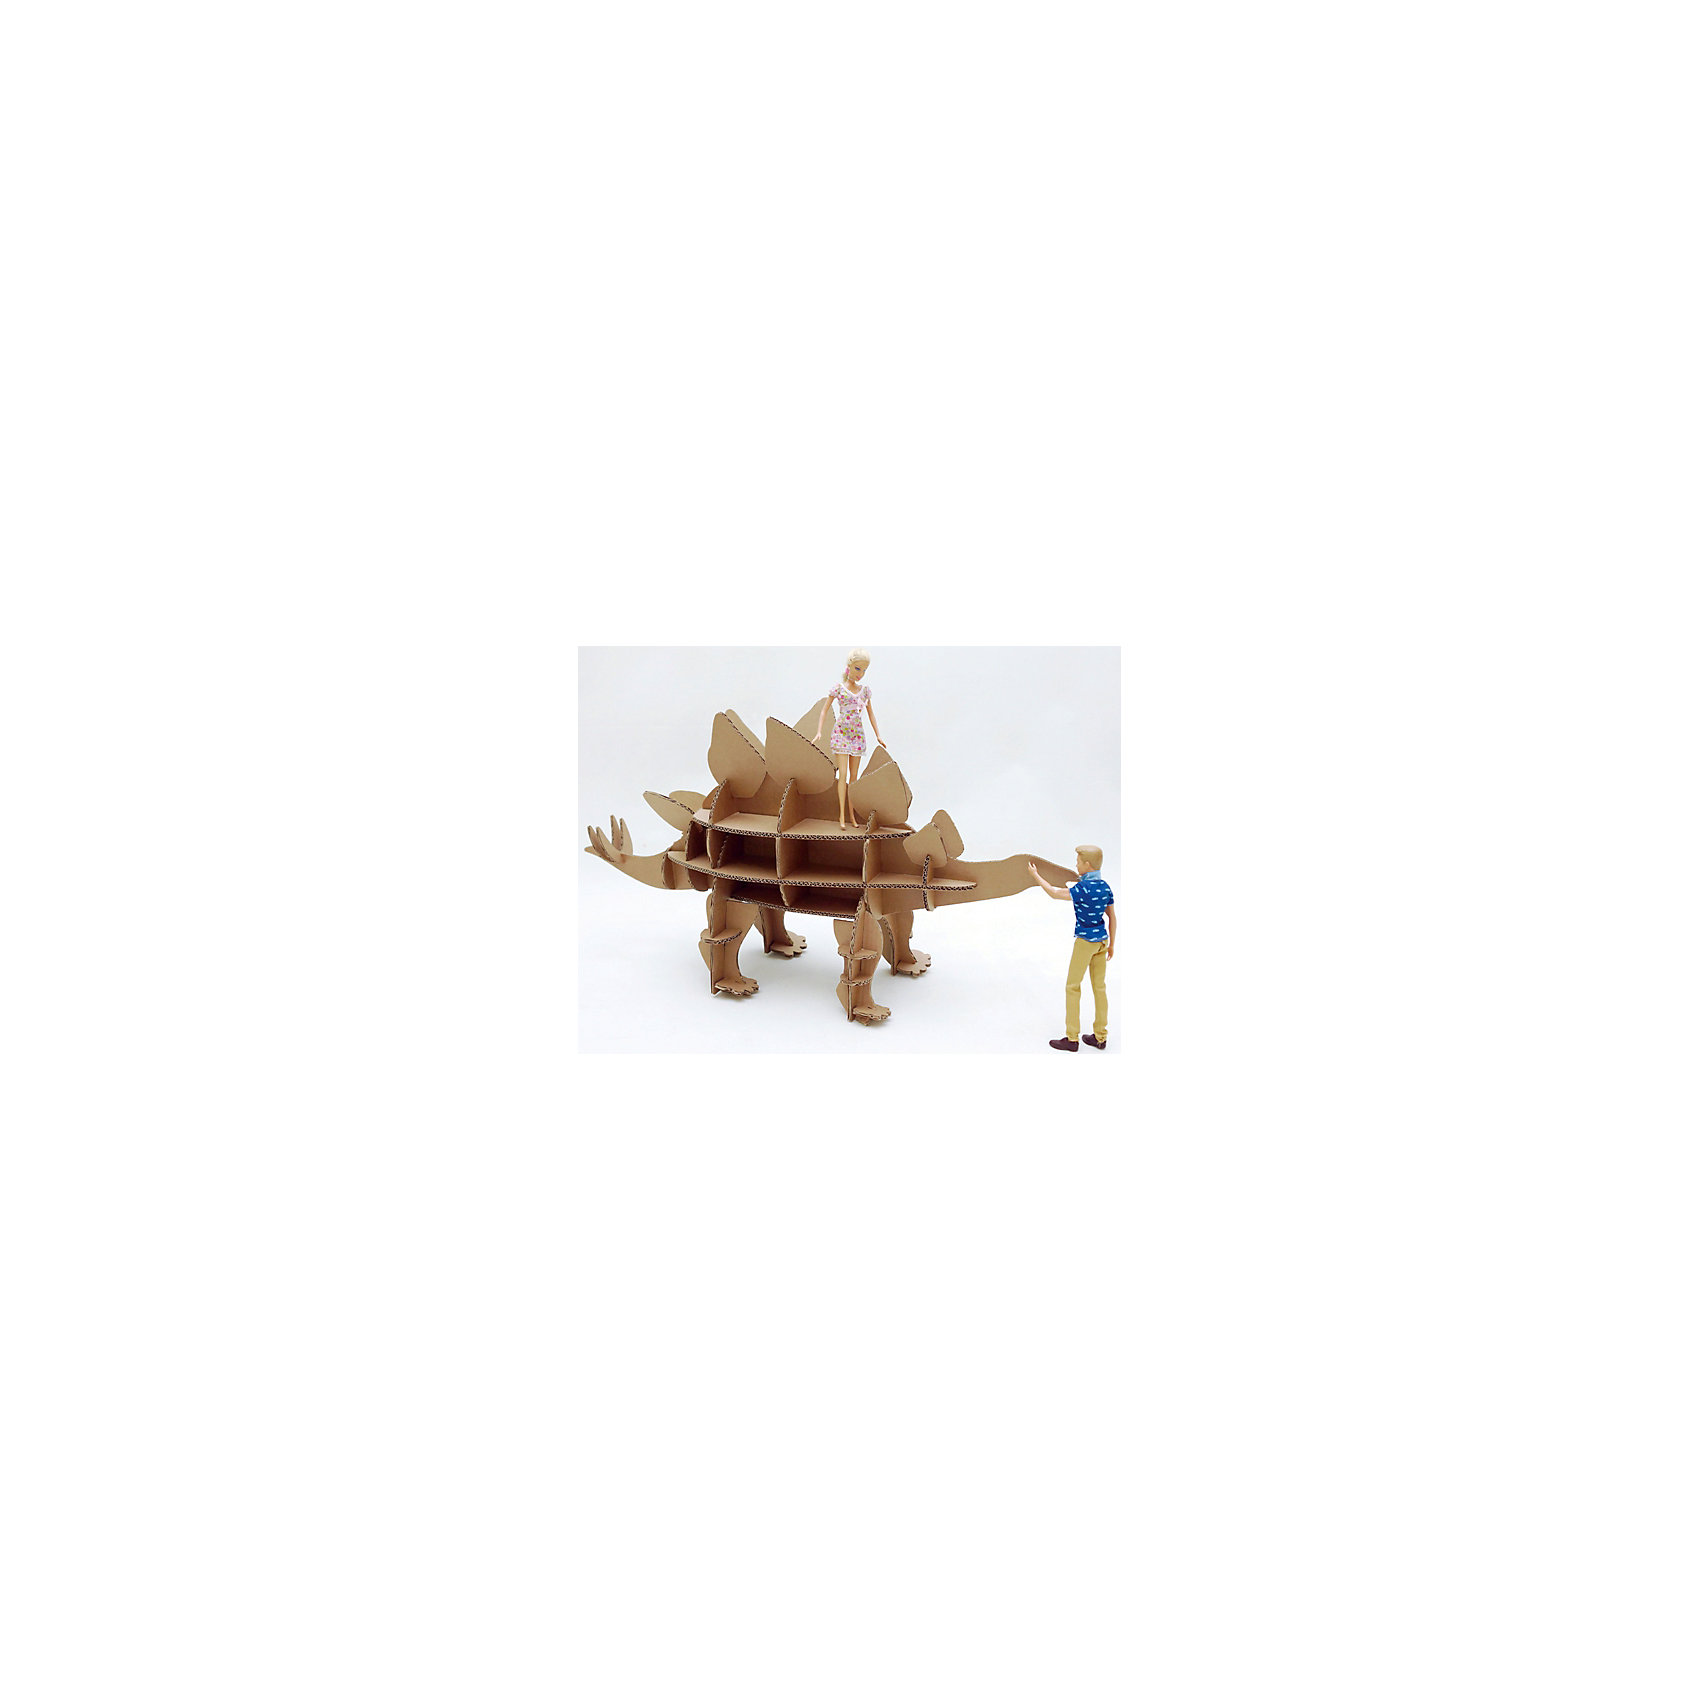 Набор игровой из картона Домашний Стегозавр, крафтХарактеристики:<br><br>• сборная модель из картонных деталей, без клея и ножниц;<br>• материал: гофрокартон;<br>• комплектация: детали для сборки динозавра, нейлоновые крепления, инструкция;<br>• размер динозавра в собранном виде: 89х83х32 см;<br>• размер упаковки: 46х46х7 см;<br>• вес: 1,3 кг.<br><br>Набор для творчества «Стегозавр» из серии «Домашний динозавр» предлагает ребятам собрать модель динозавра из картонных деталей. Модель собирается без клея, подробная инструкция объясняет процесс работы. У динозавра бока представлены как полочки, на которых удобно разместятся мелкие игрушечные зверушки, куколки или детские поделки. При желании динозавра можно раскрасить красками, фломастерами или карандашами.<br><br>Набор игровой из картона Домашний Стегозавр, крафт можно купить в нашем магазине.<br><br>Ширина мм: 460<br>Глубина мм: 460<br>Высота мм: 65<br>Вес г: 1100<br>Возраст от месяцев: 36<br>Возраст до месяцев: 2147483647<br>Пол: Унисекс<br>Возраст: Детский<br>SKU: 5253051